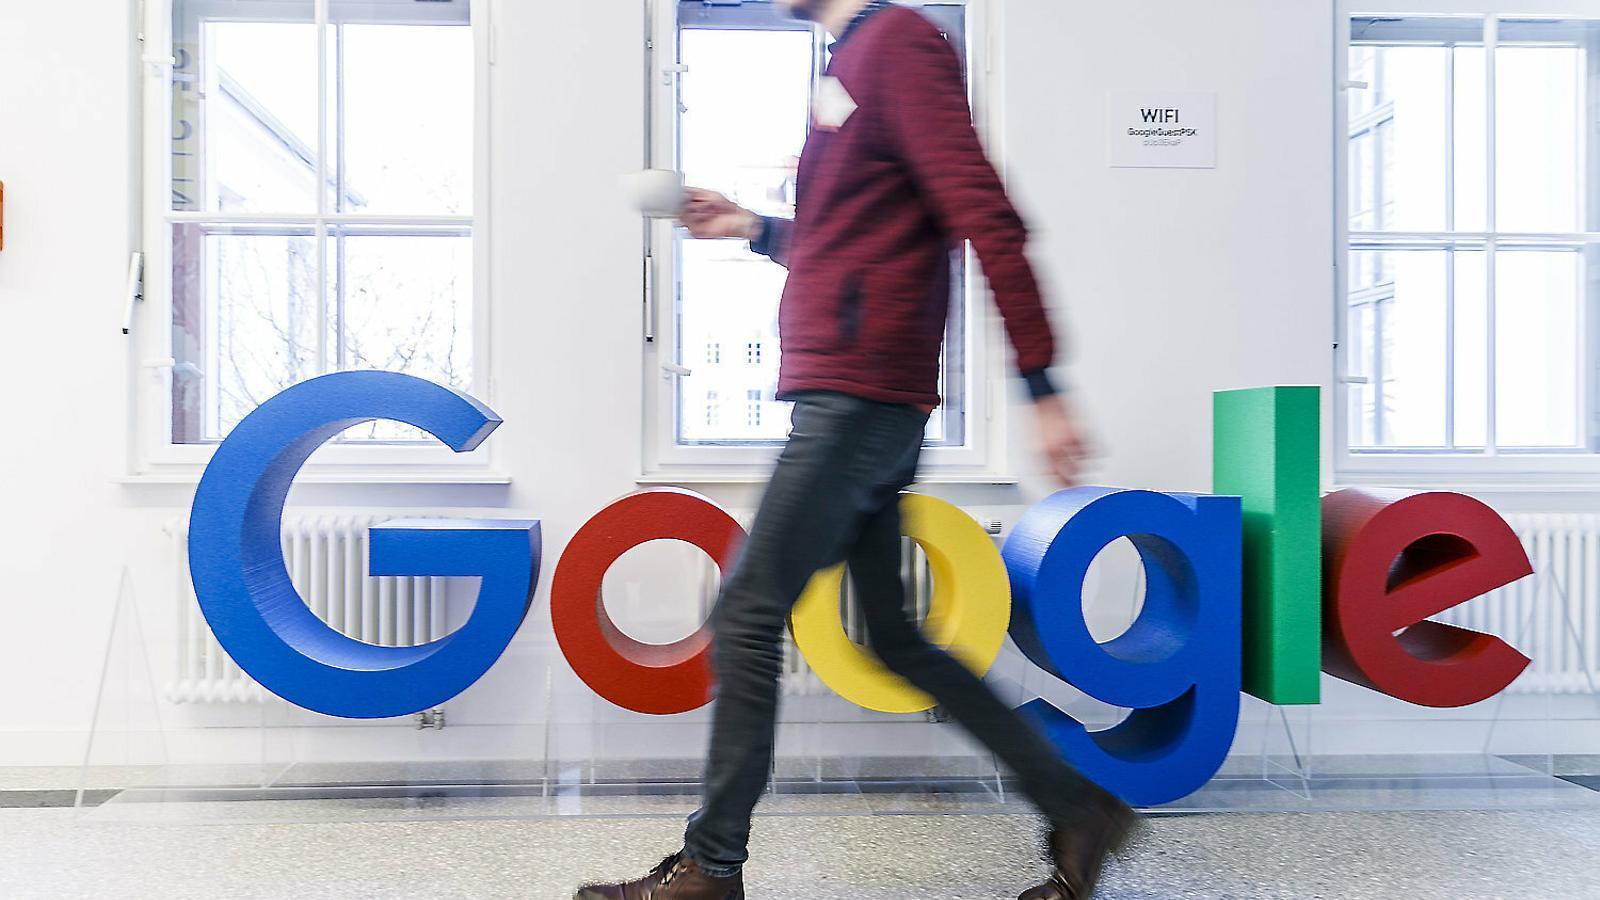 La 'taxa Google' aspira a ser el primer gran impost global